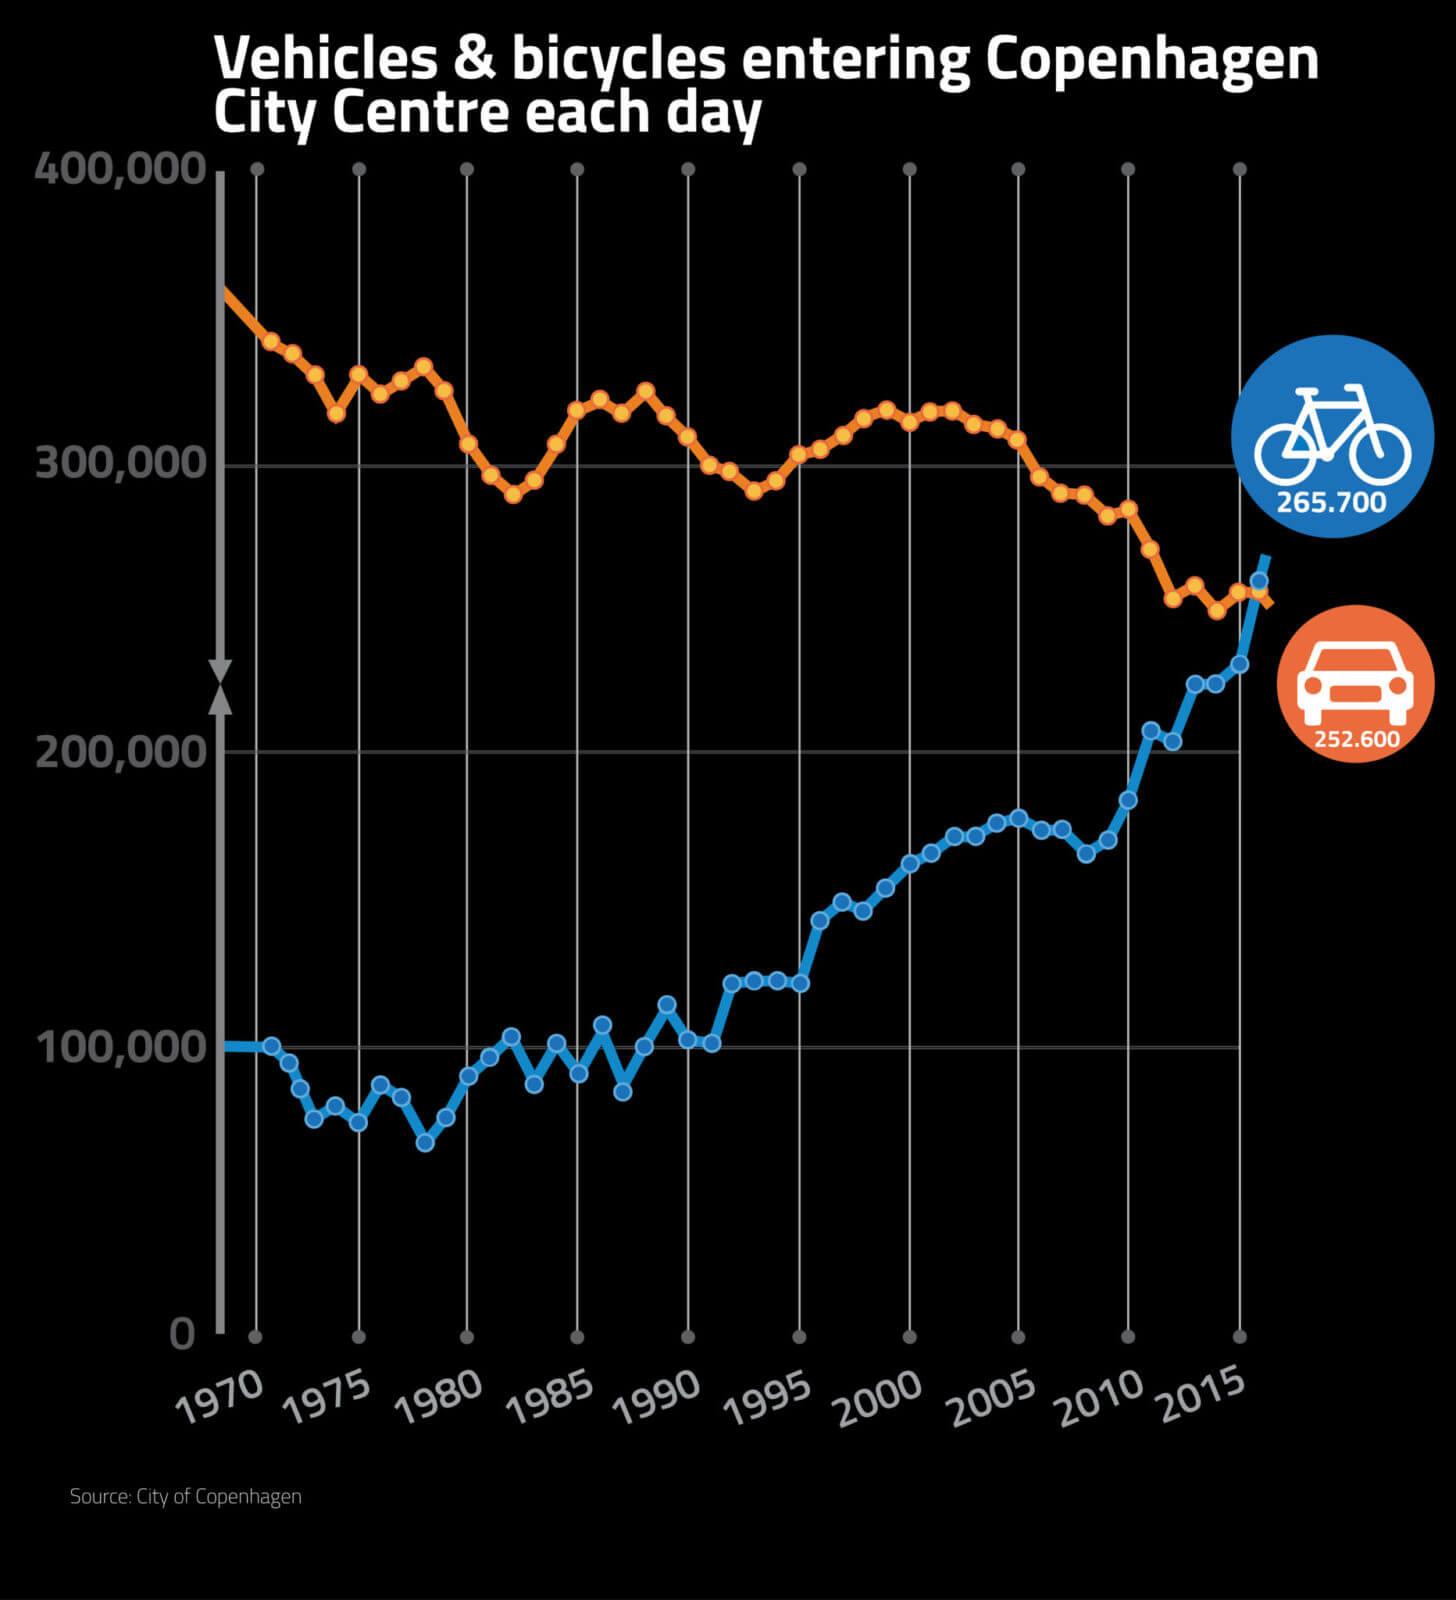 flere cykler end biler i København